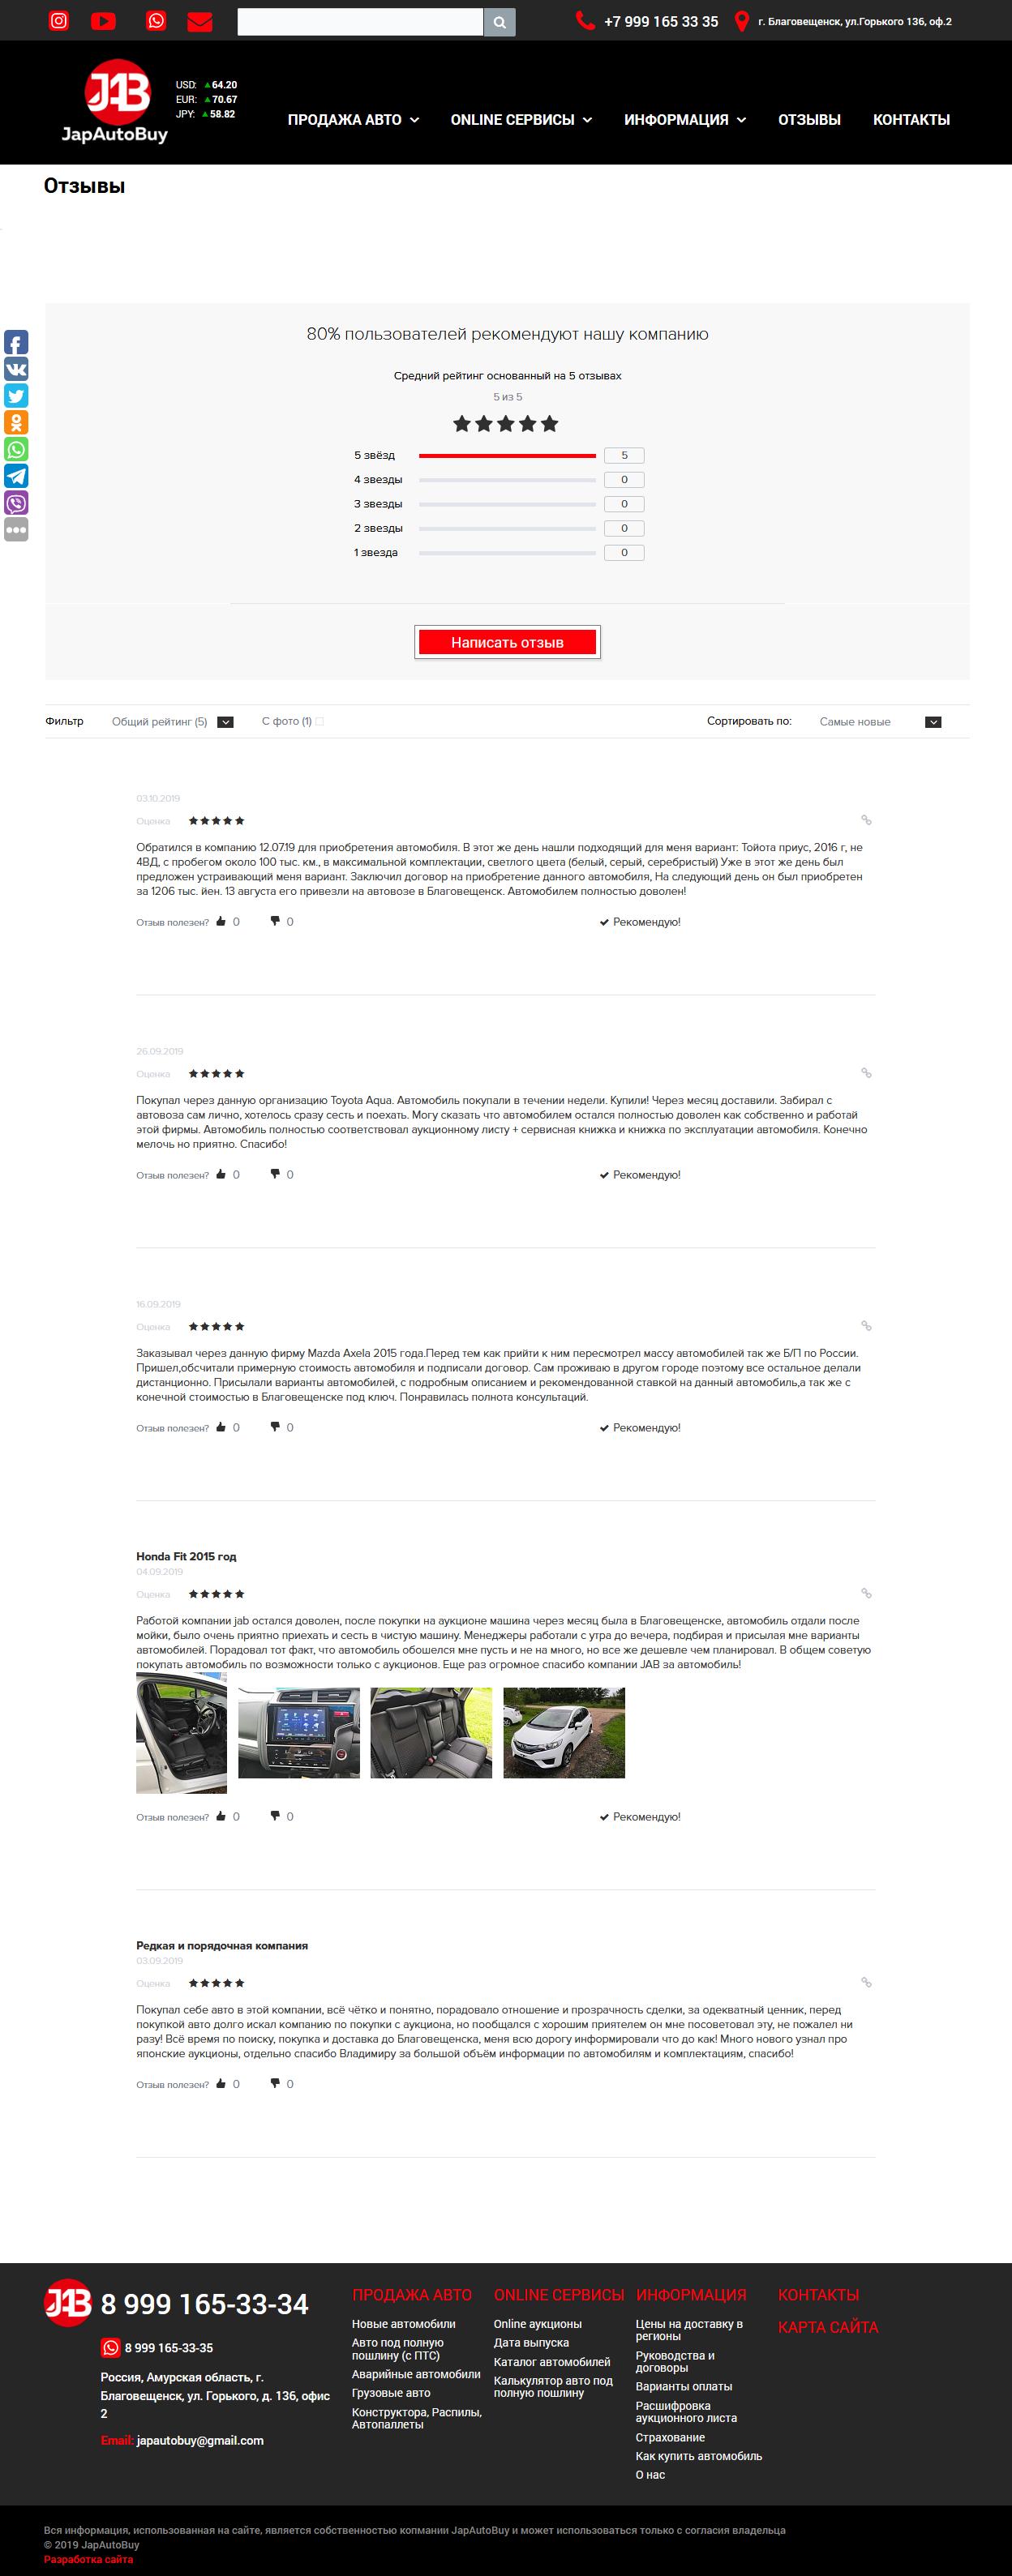 Сайт с online аукционами по продаже автомобилей из Японии, Битрикс